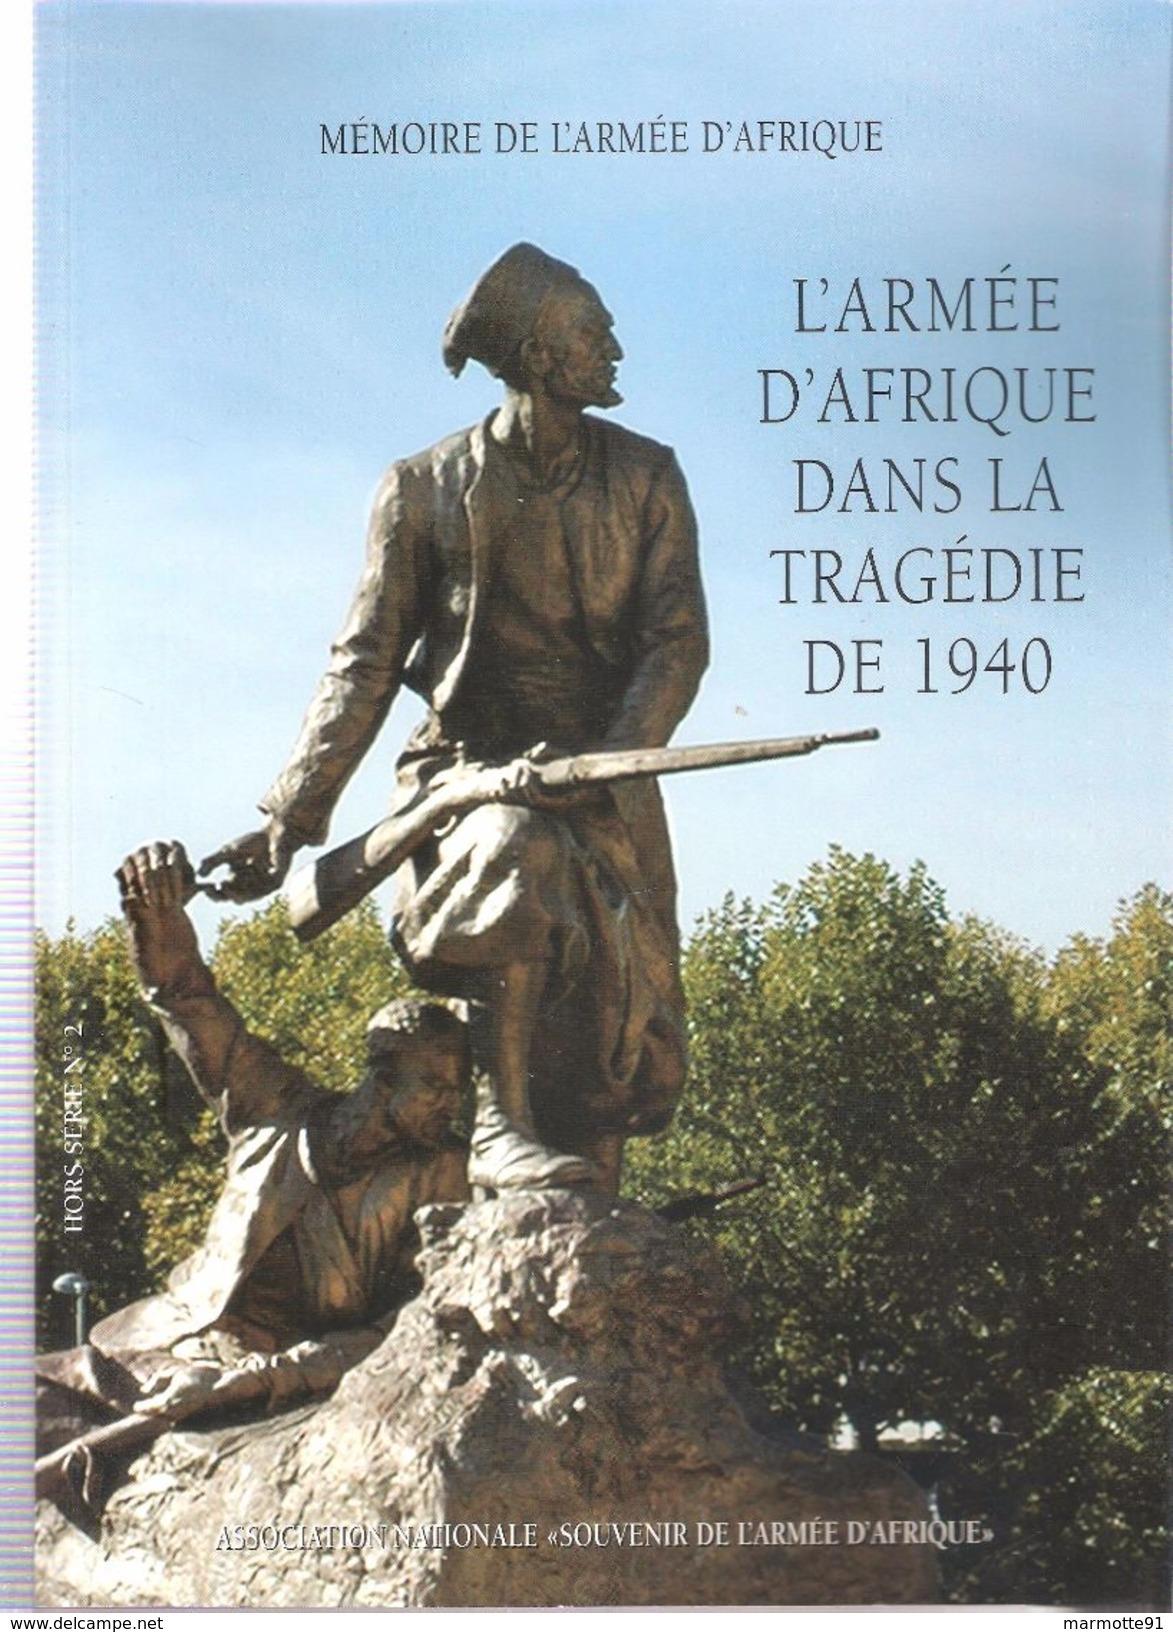 L ARMEE D AFRIQUE DANS TRAGEDIE 1940 GUERRE ANSAA HISTORIQUE HORS SERIE N°2 - Francese